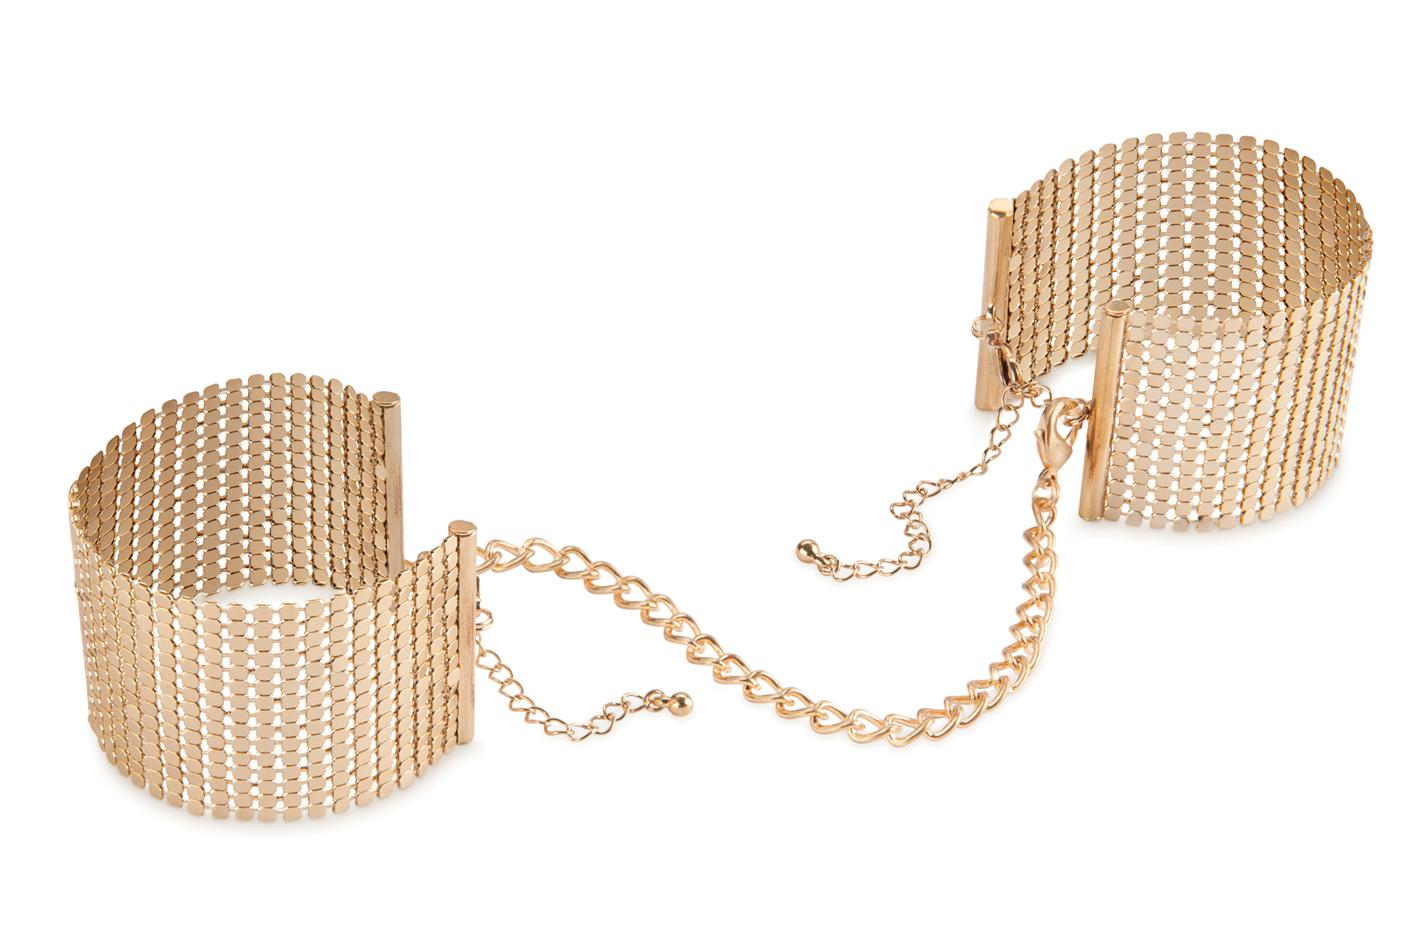 Bijoux Indiscrets Desir Metallique Handcuff Bracelets - $35